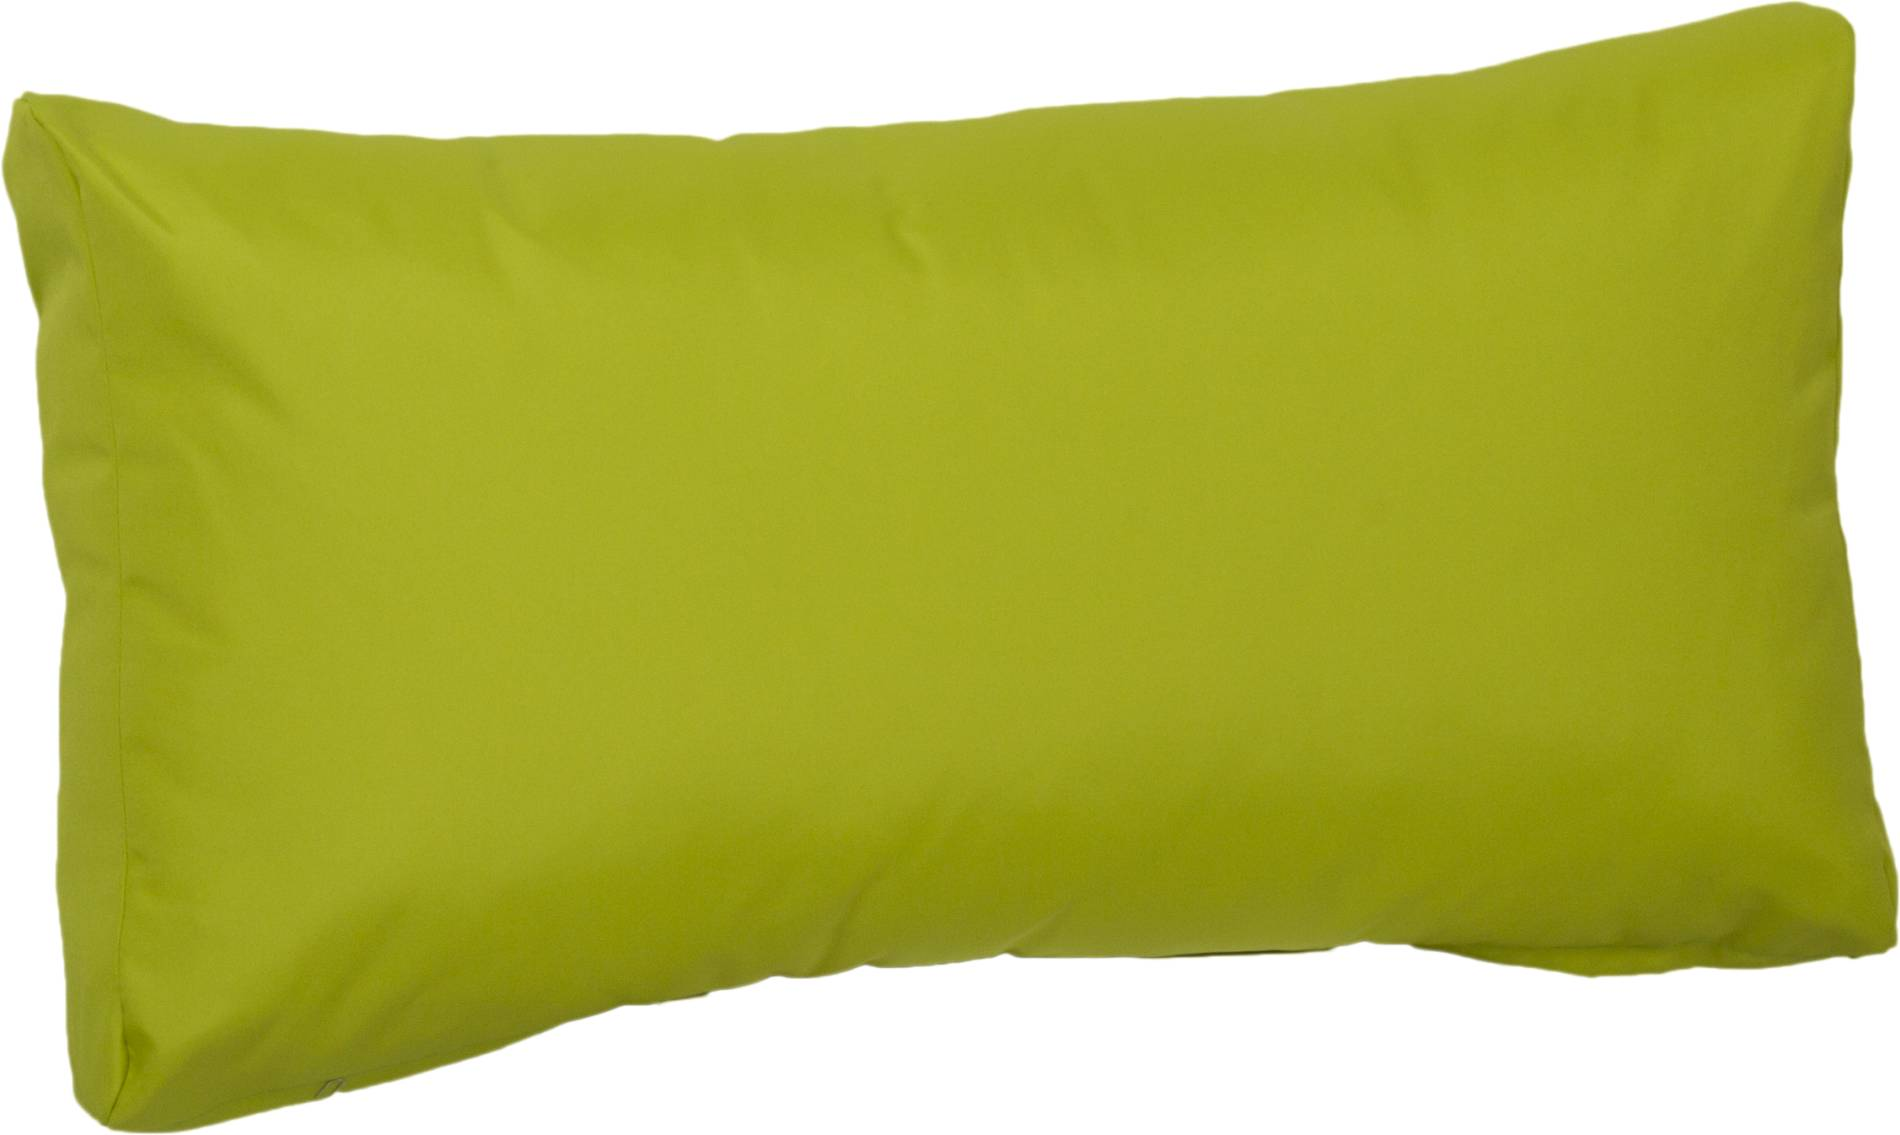 Palettenkissen für den Rückenbereich wasserabweisend ca. 70 x 40 cm in hellgrün